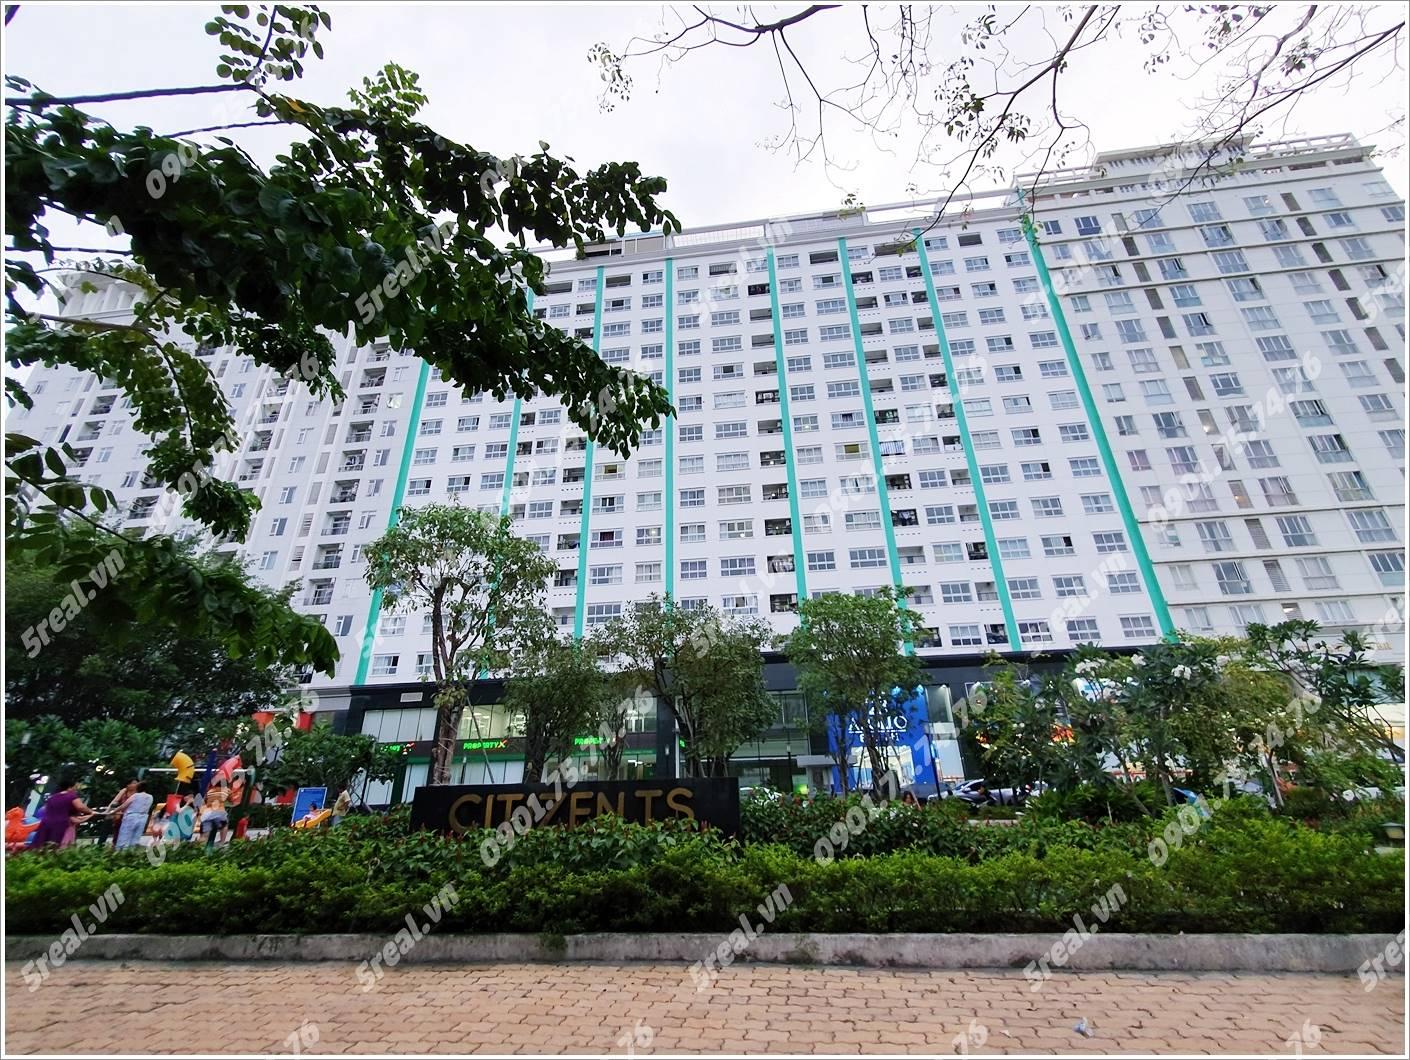 citizen-ts-duong-9a-huyen-binh-chanh-cho-thue-van-phong-tphcm-5real.vn-01